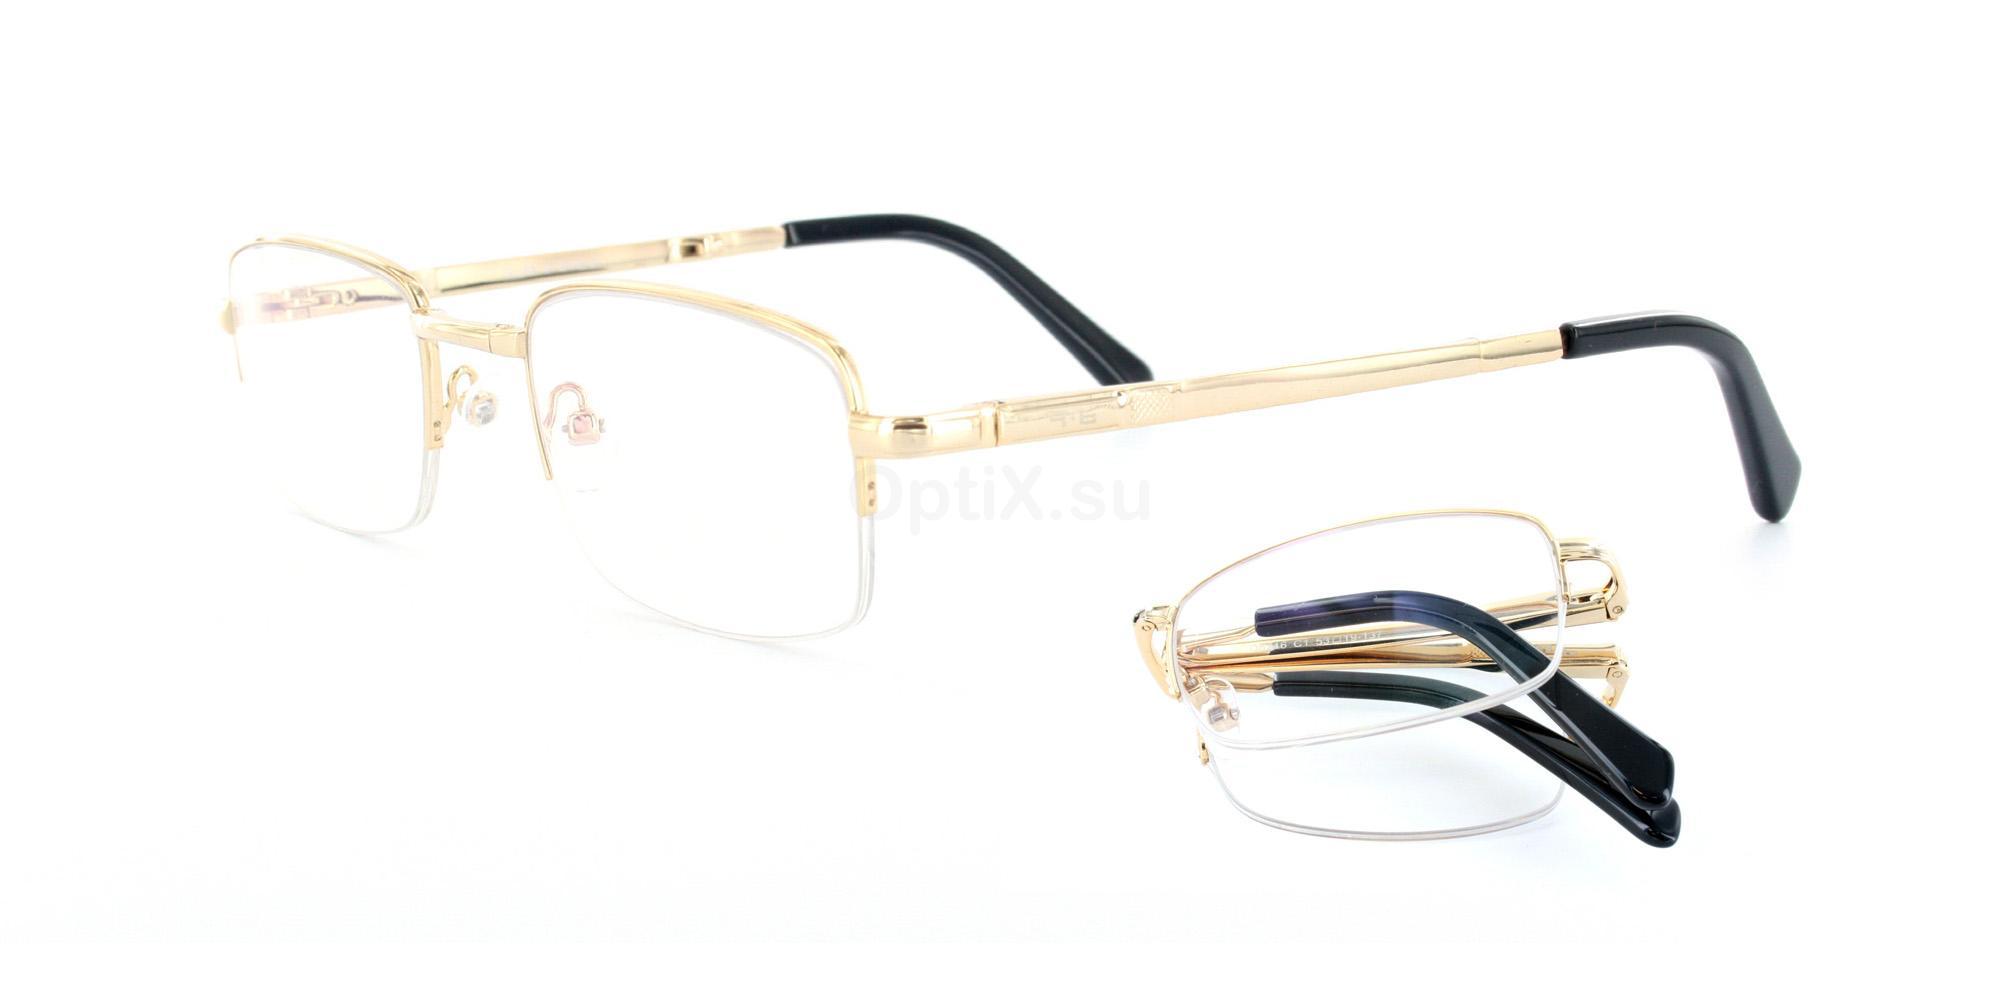 C1 Q6216 - Fold up Glasses Glasses, Infinity